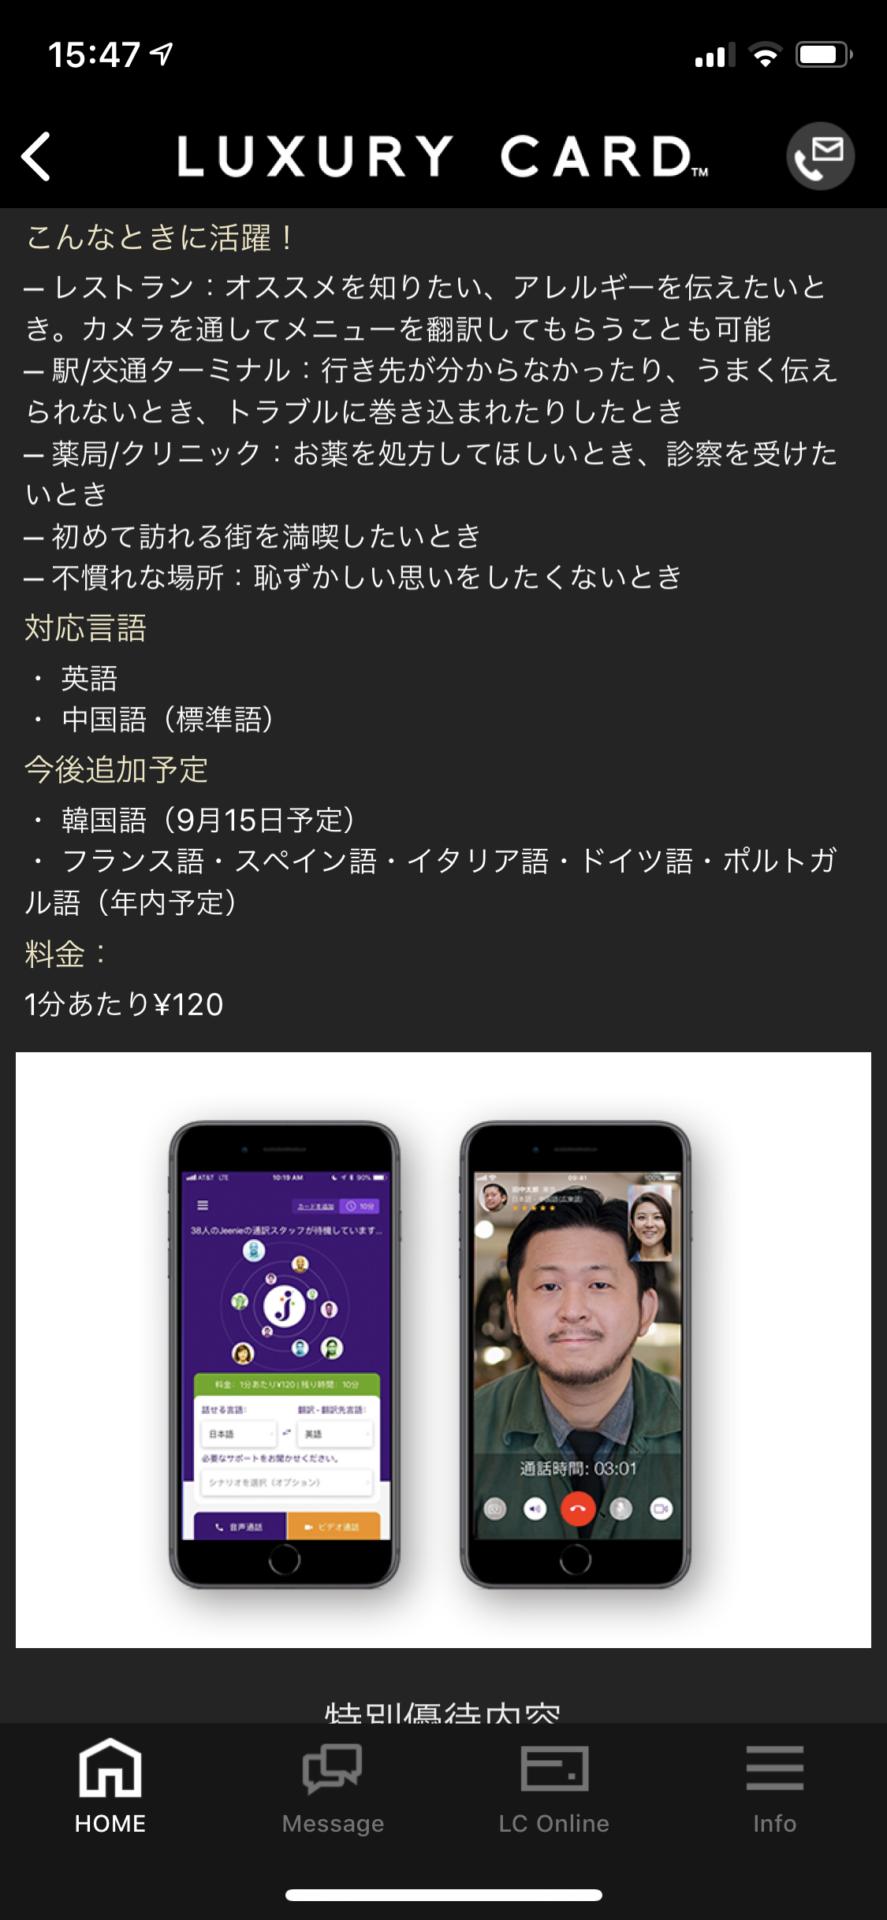 翻訳アシスタントアプリJeenie無料通話プレゼント